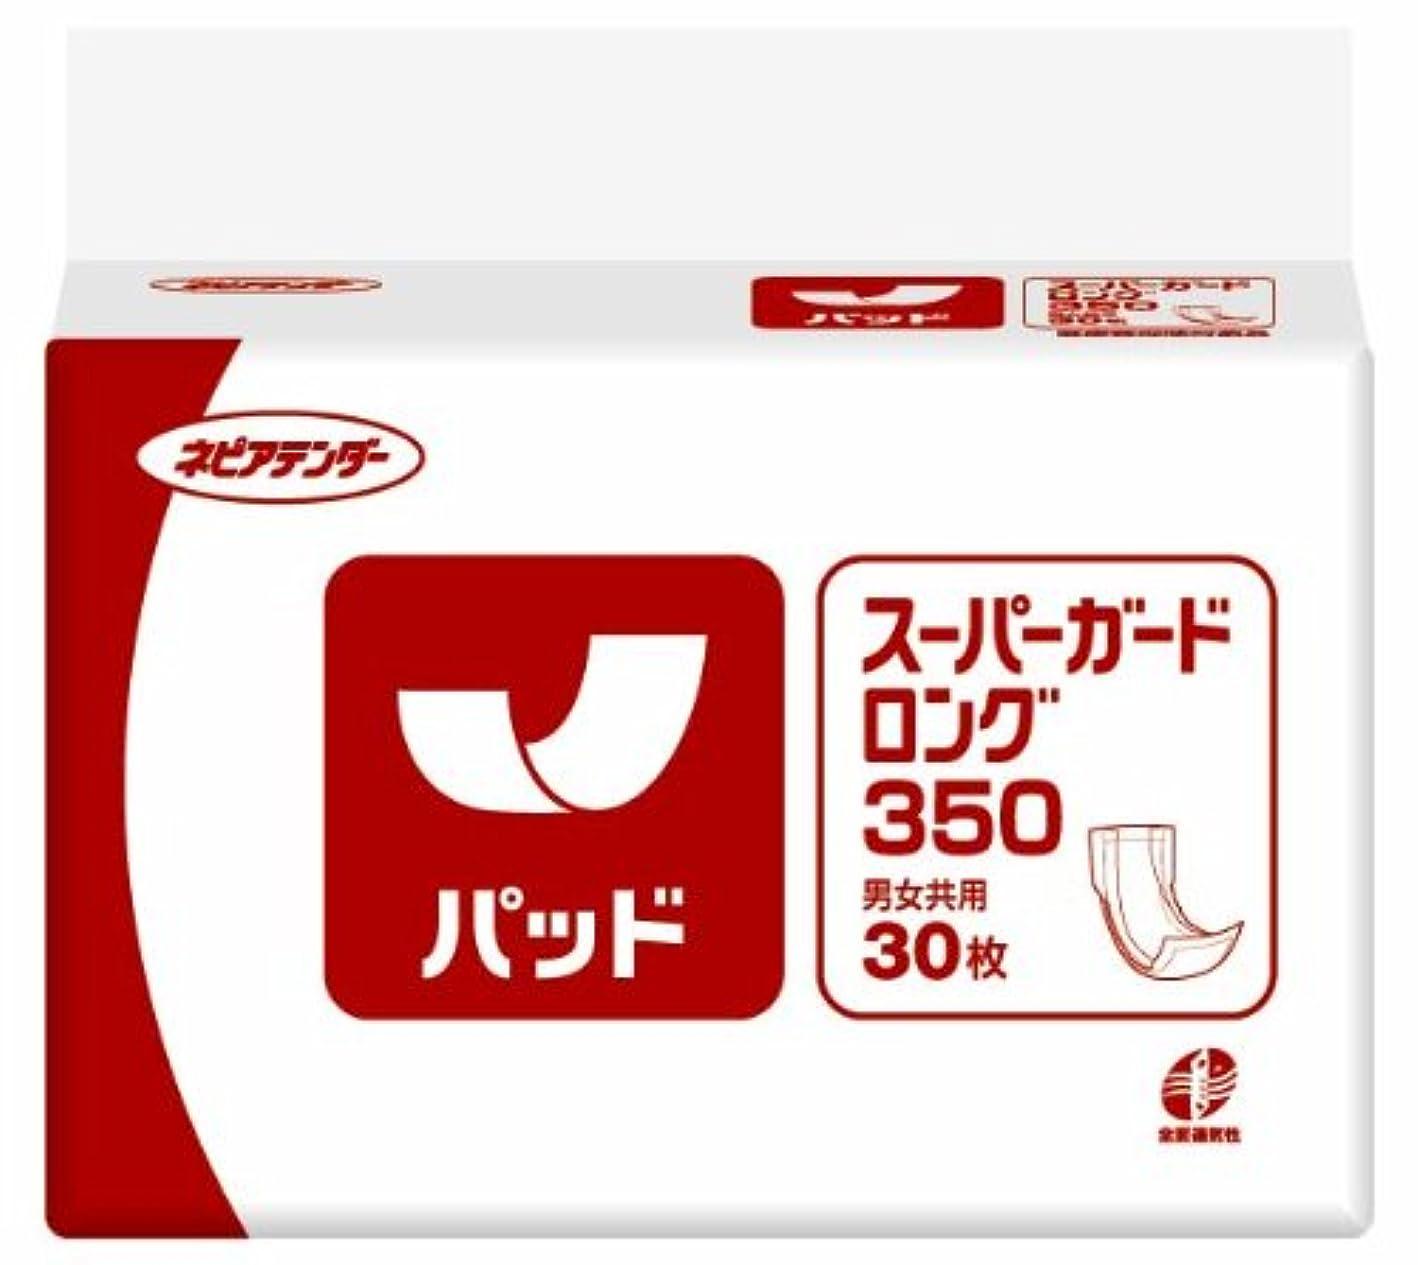 家庭教師添加剤子供達ネピアテンダー パッド スーパーガードロング350 30枚 (テープタイプ用) 【ADL区分:立てる?寝て過ごす事が多い方】